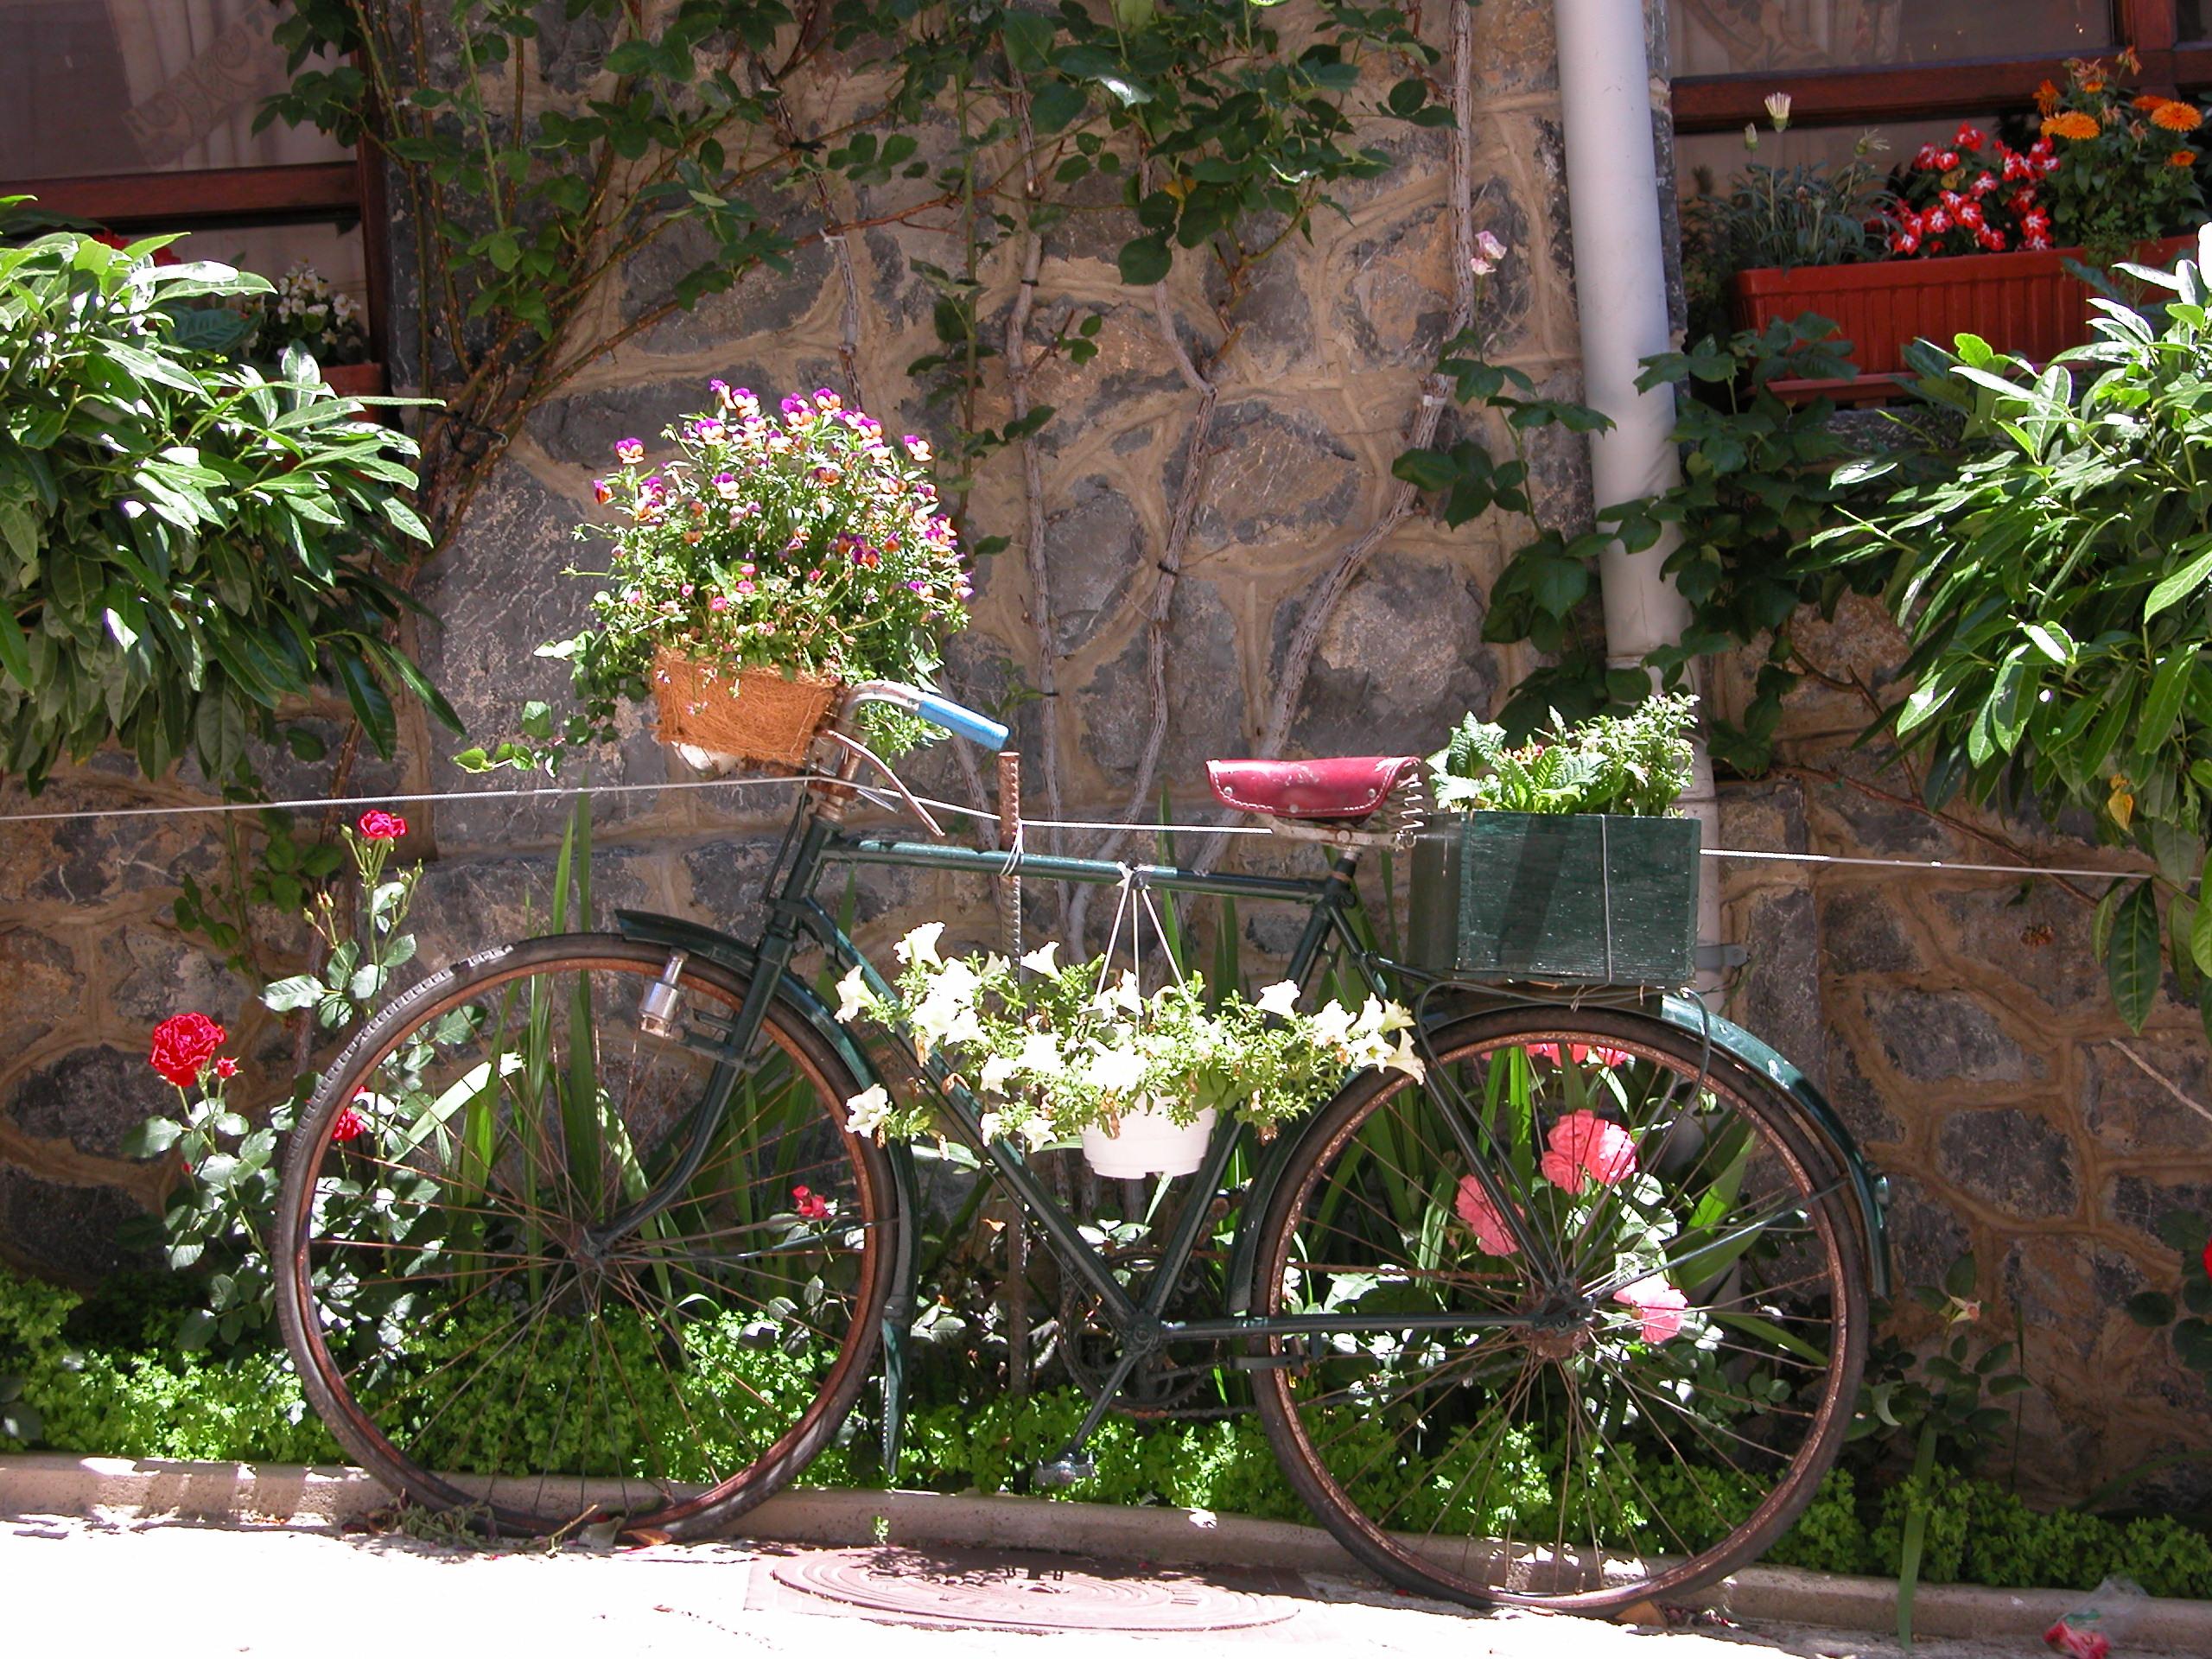 decoracao jardim encantado rustico:Fotos De Decoracao De Jardim 12 Pictures to pin on Pinterest